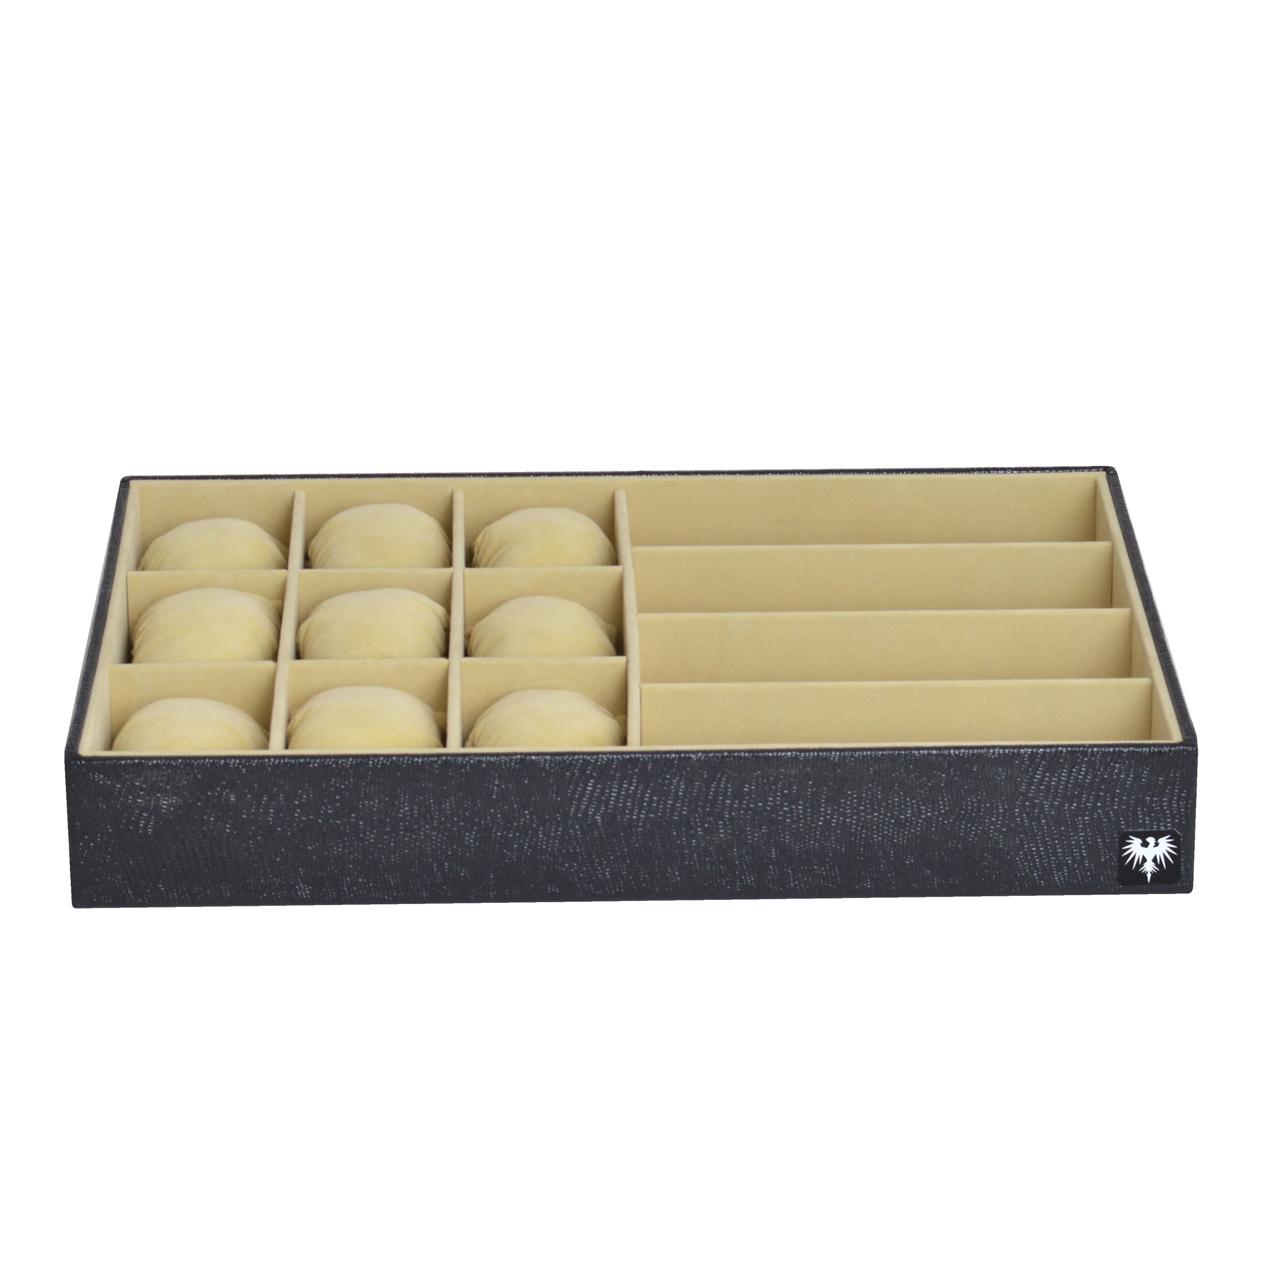 bandeja-couro-ecologico-9-relogios-4-oculos-preto-bege-porta-imagem-2.jpg